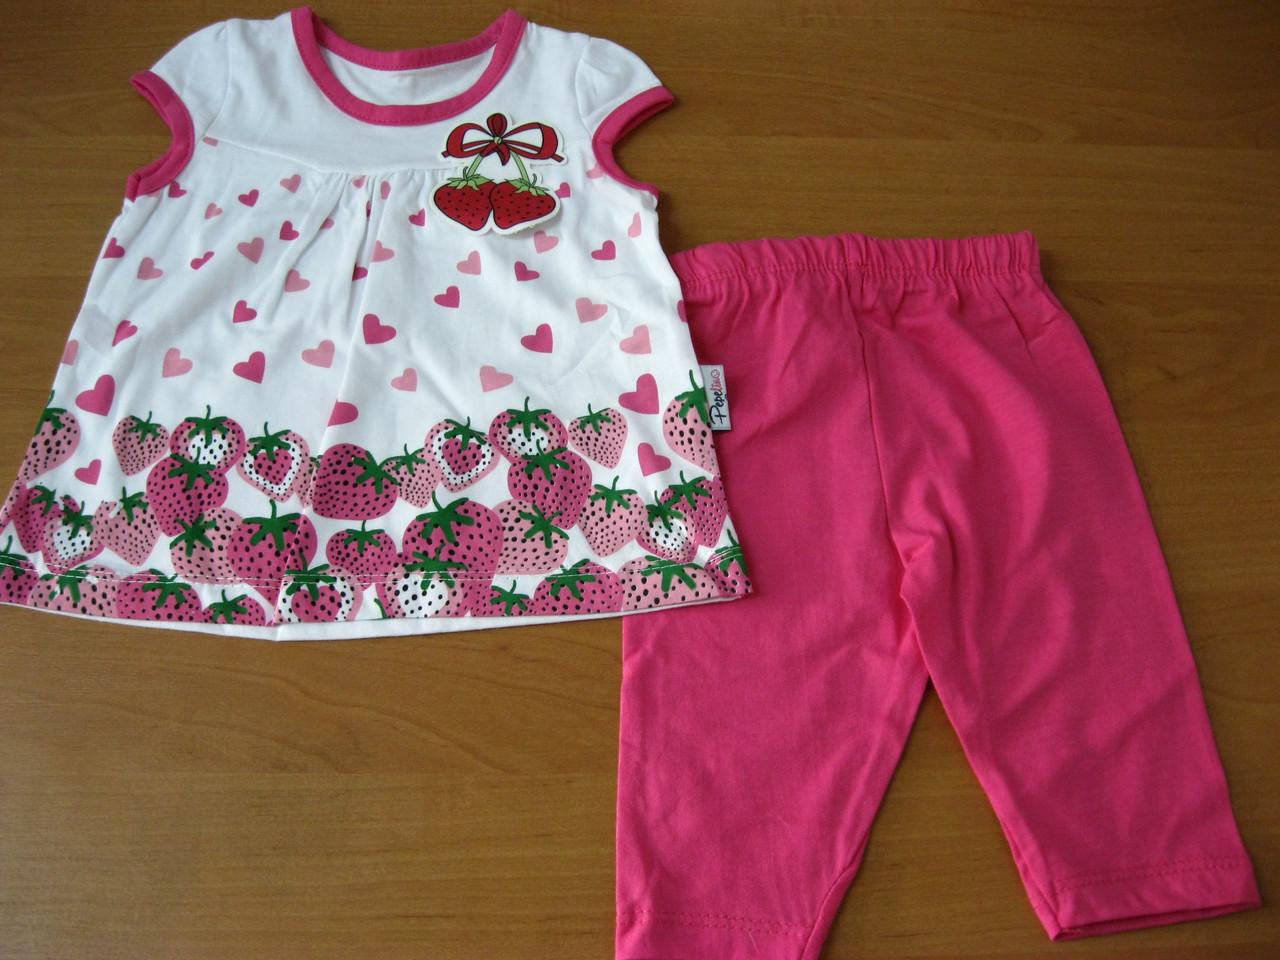 Детский летний костюм для девочки Клубничка туника +бриджи 68 см Турция  хлопок - Интернет магазин 27ed09f8ba8